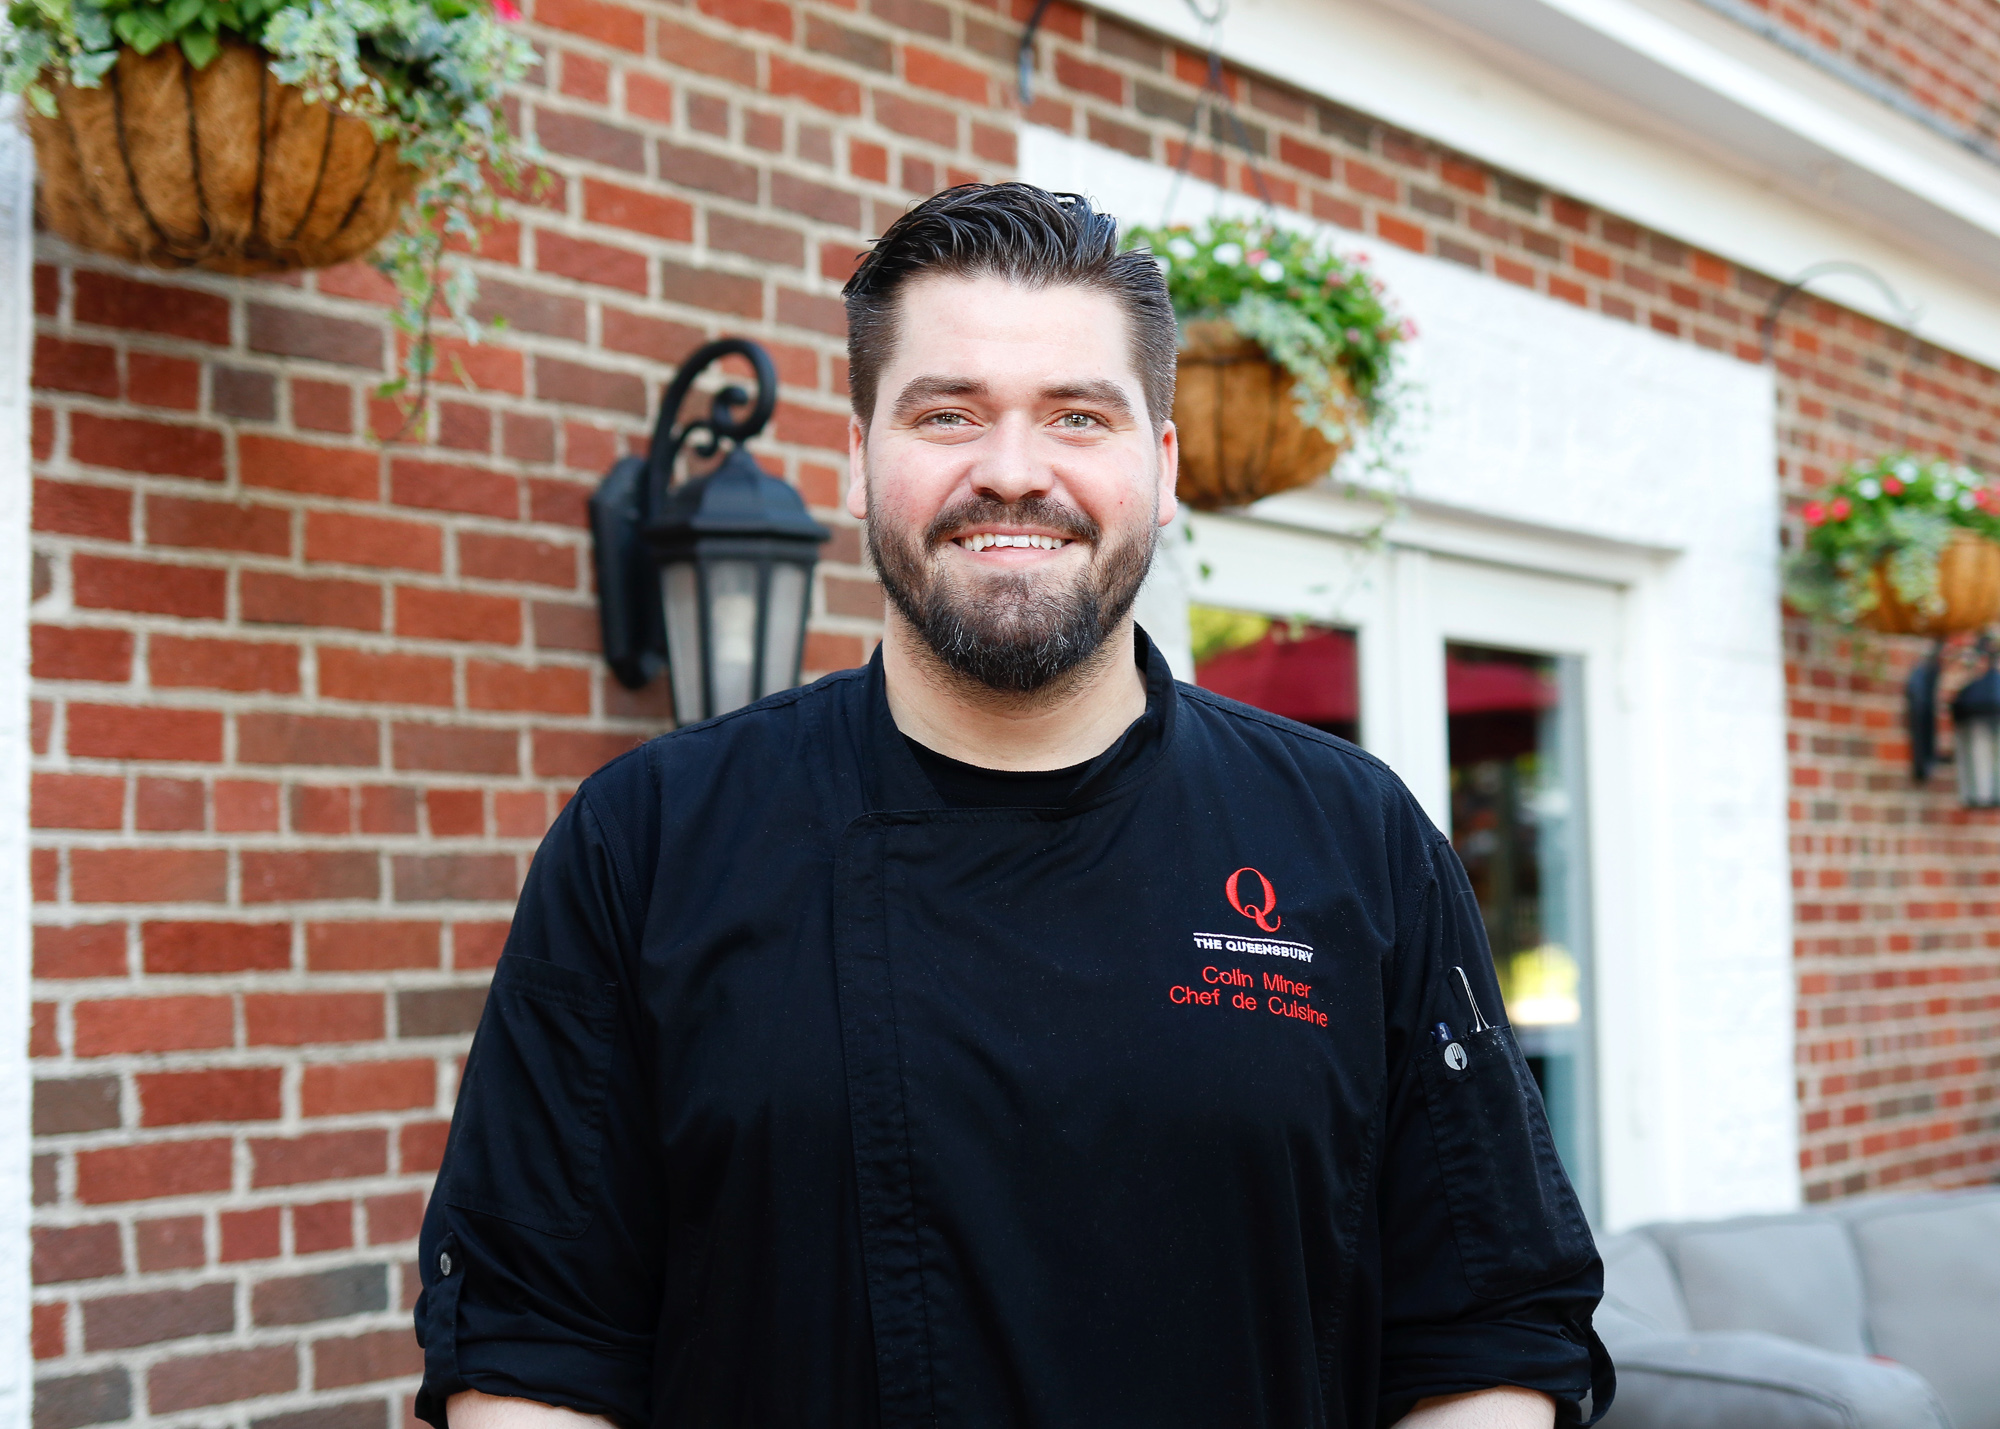 Colin Miner, Chef de Cuisine